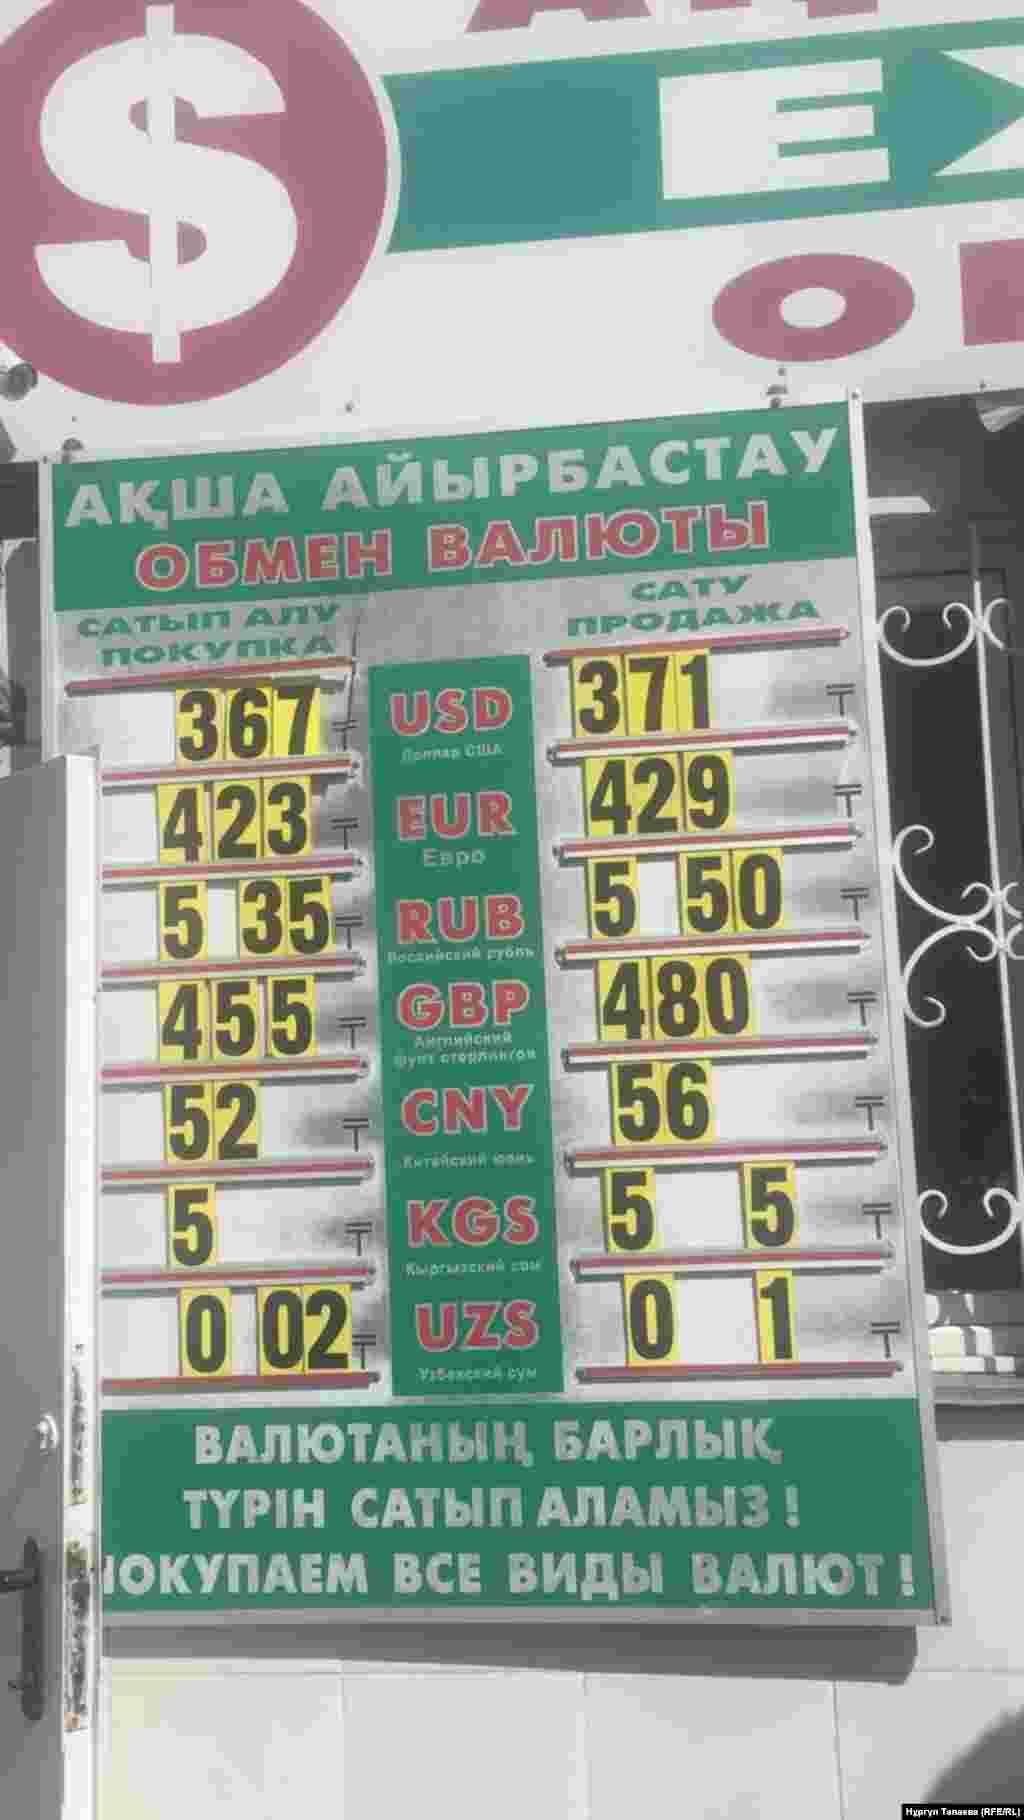 2018 жылы жазда теңге тағы да біртіндеп құнсызданды.Ақша айырбастау орындарында оның 1 АҚШ долларына шаққандағы бағамы 378 теңгеге жетті. Суретте: 2018 жылғы 5 қыркүйектегі Алматыдағы валюта бағамы.